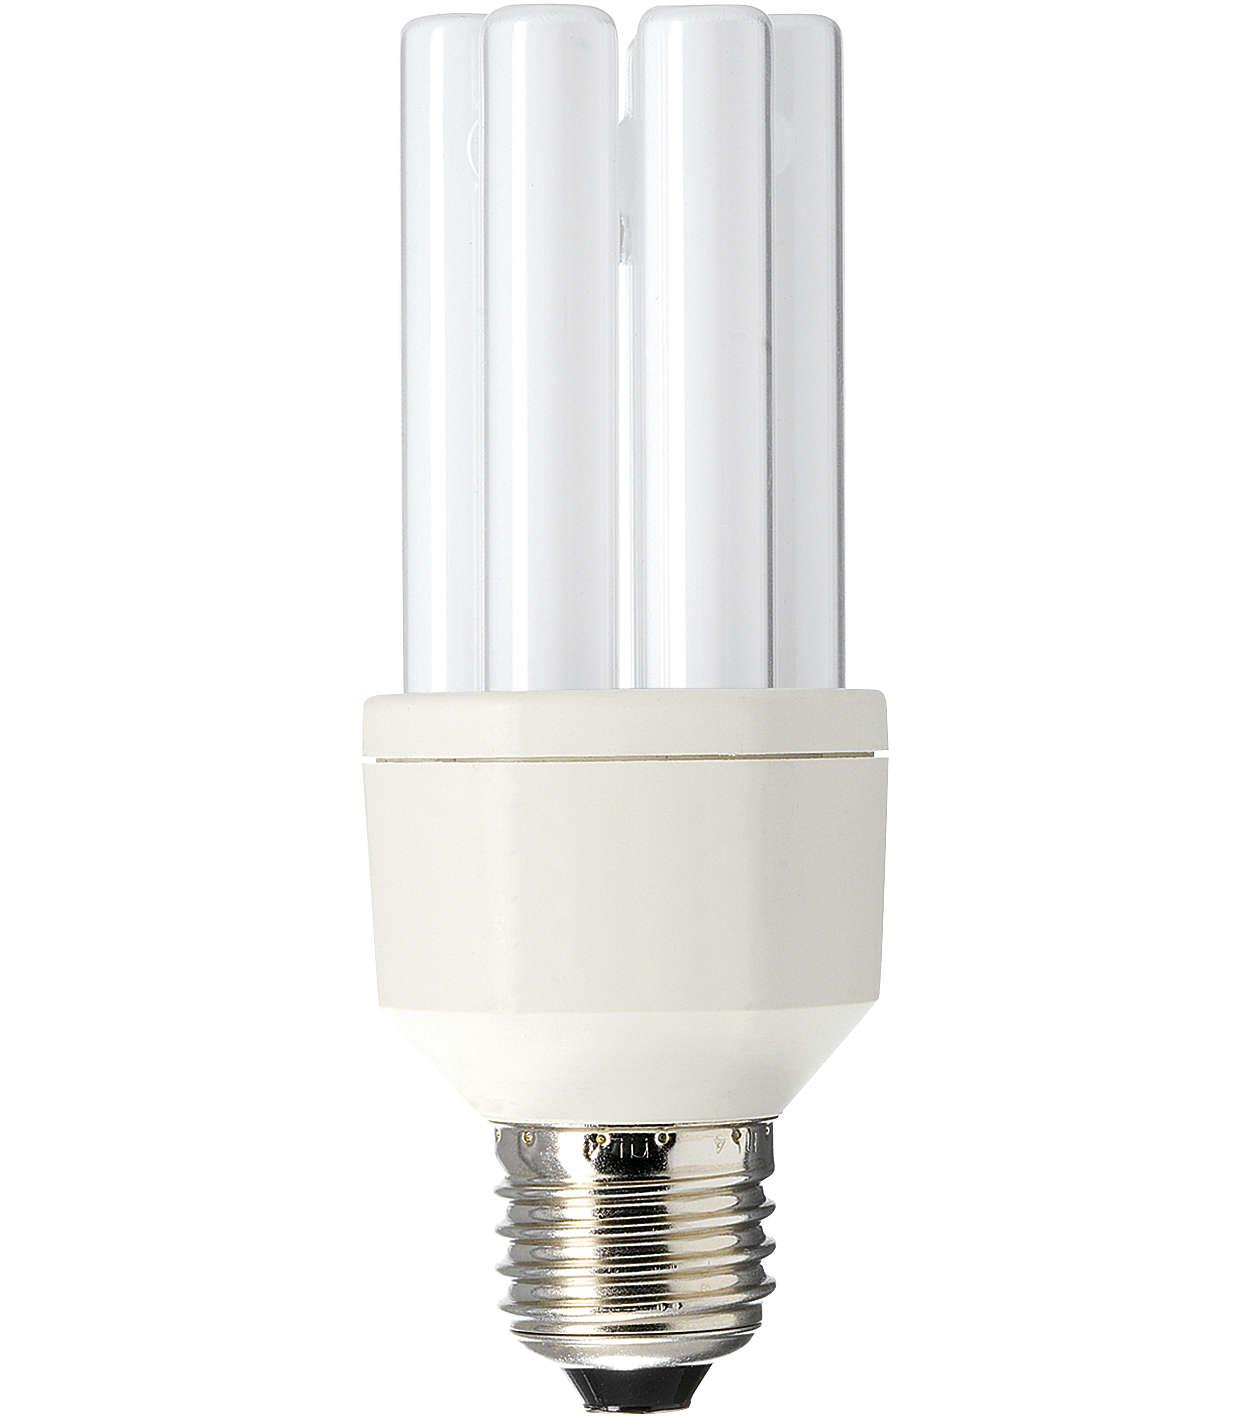 Lampe à faible consommation résistant à une commutation fréquente